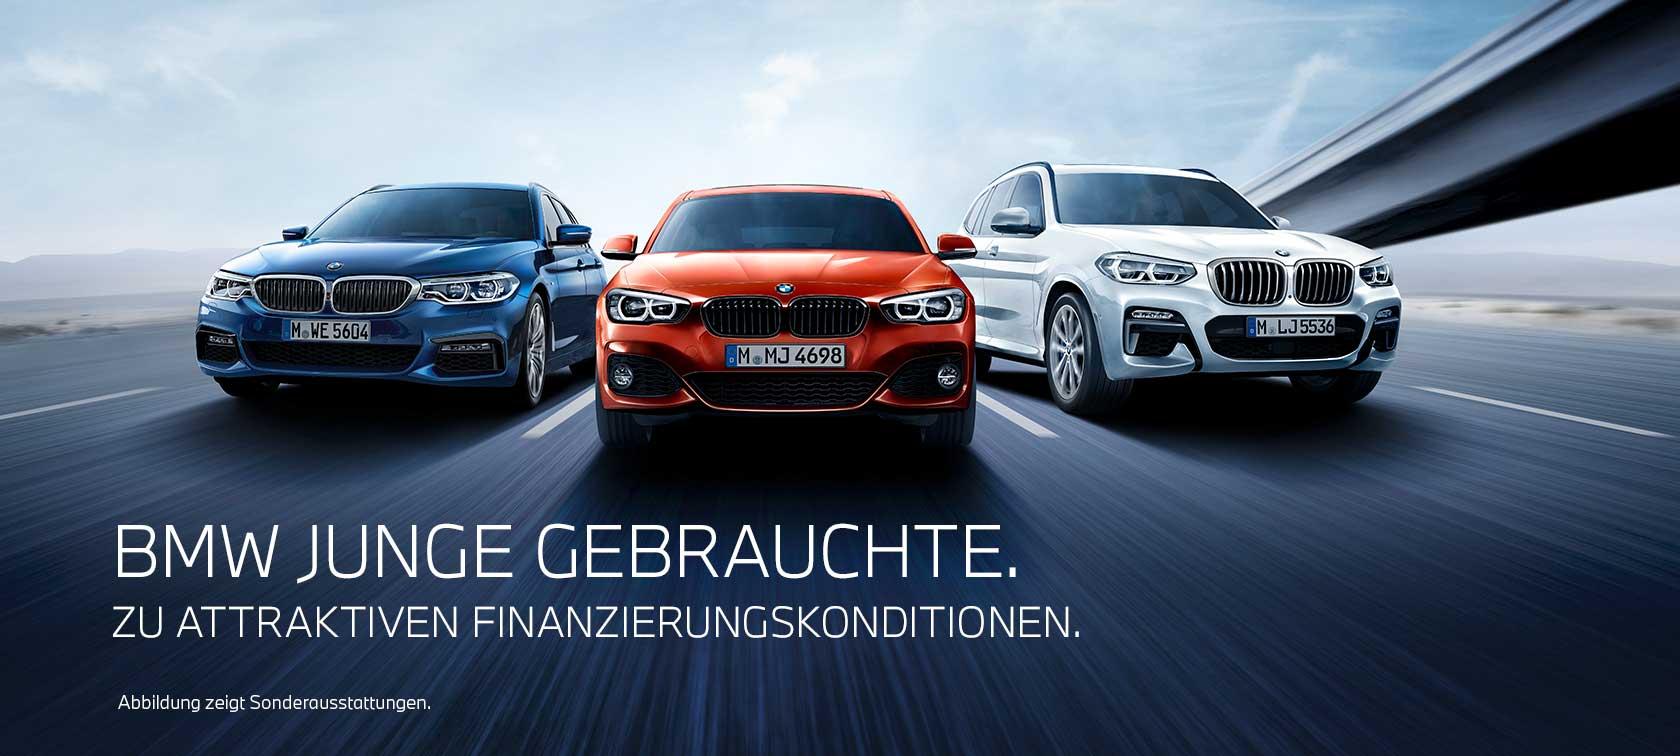 Junge Gebrauchte Automobile, Jahreswagen, BMW, Gebrauchtwagen